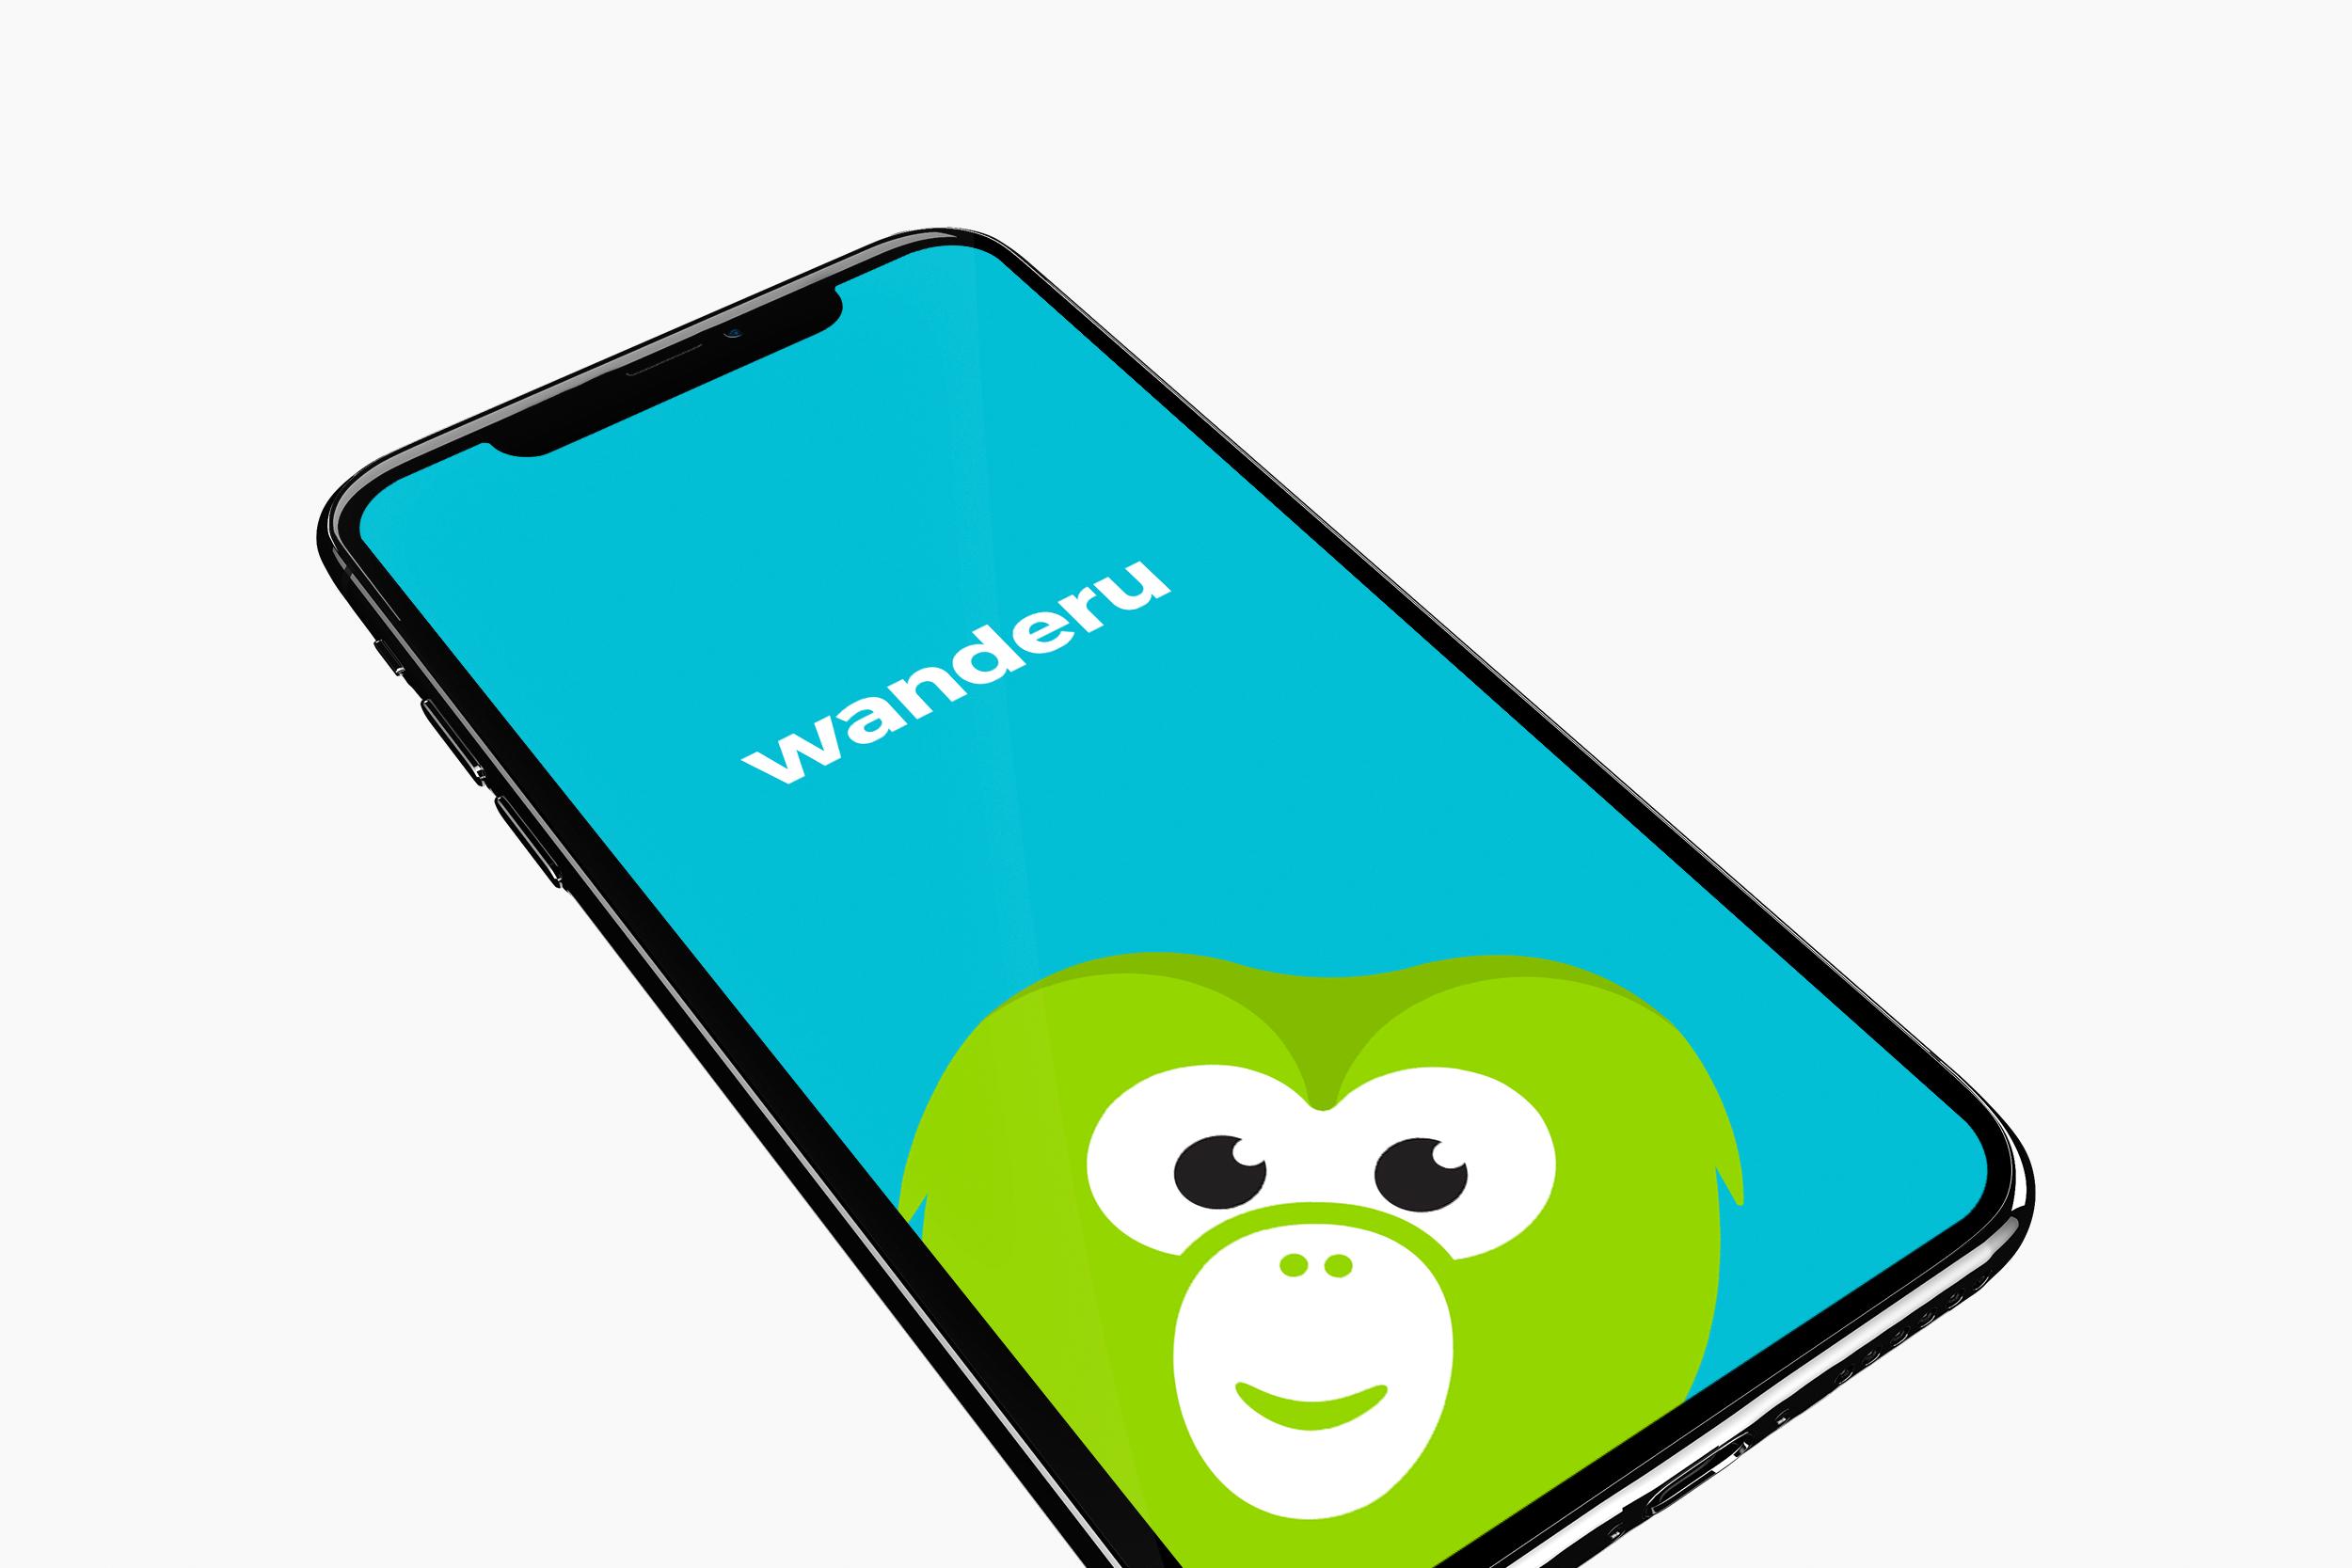 Wanderu app design splash page